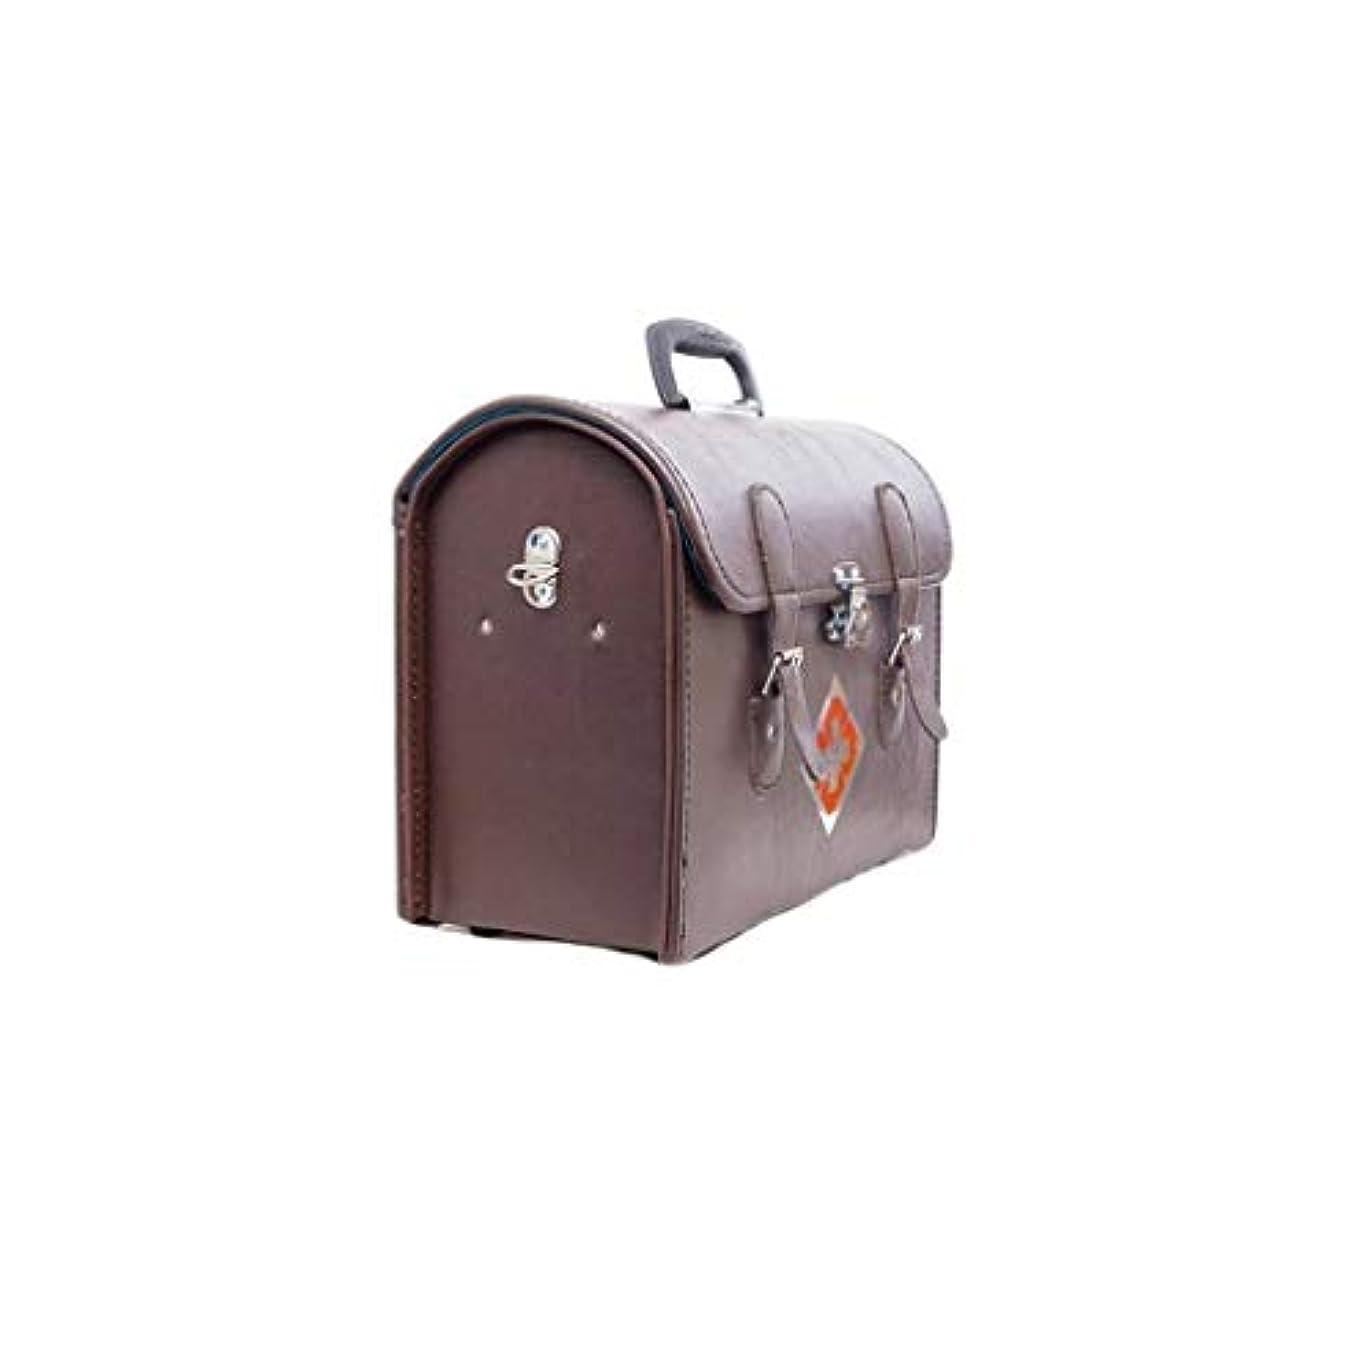 むさぼり食うタイプライター思いつく革薬箱家庭薬収納ボックス多機能救急箱医療肥厚外来パッケージ ZHYGDQ (Size : 38×18×31cm)